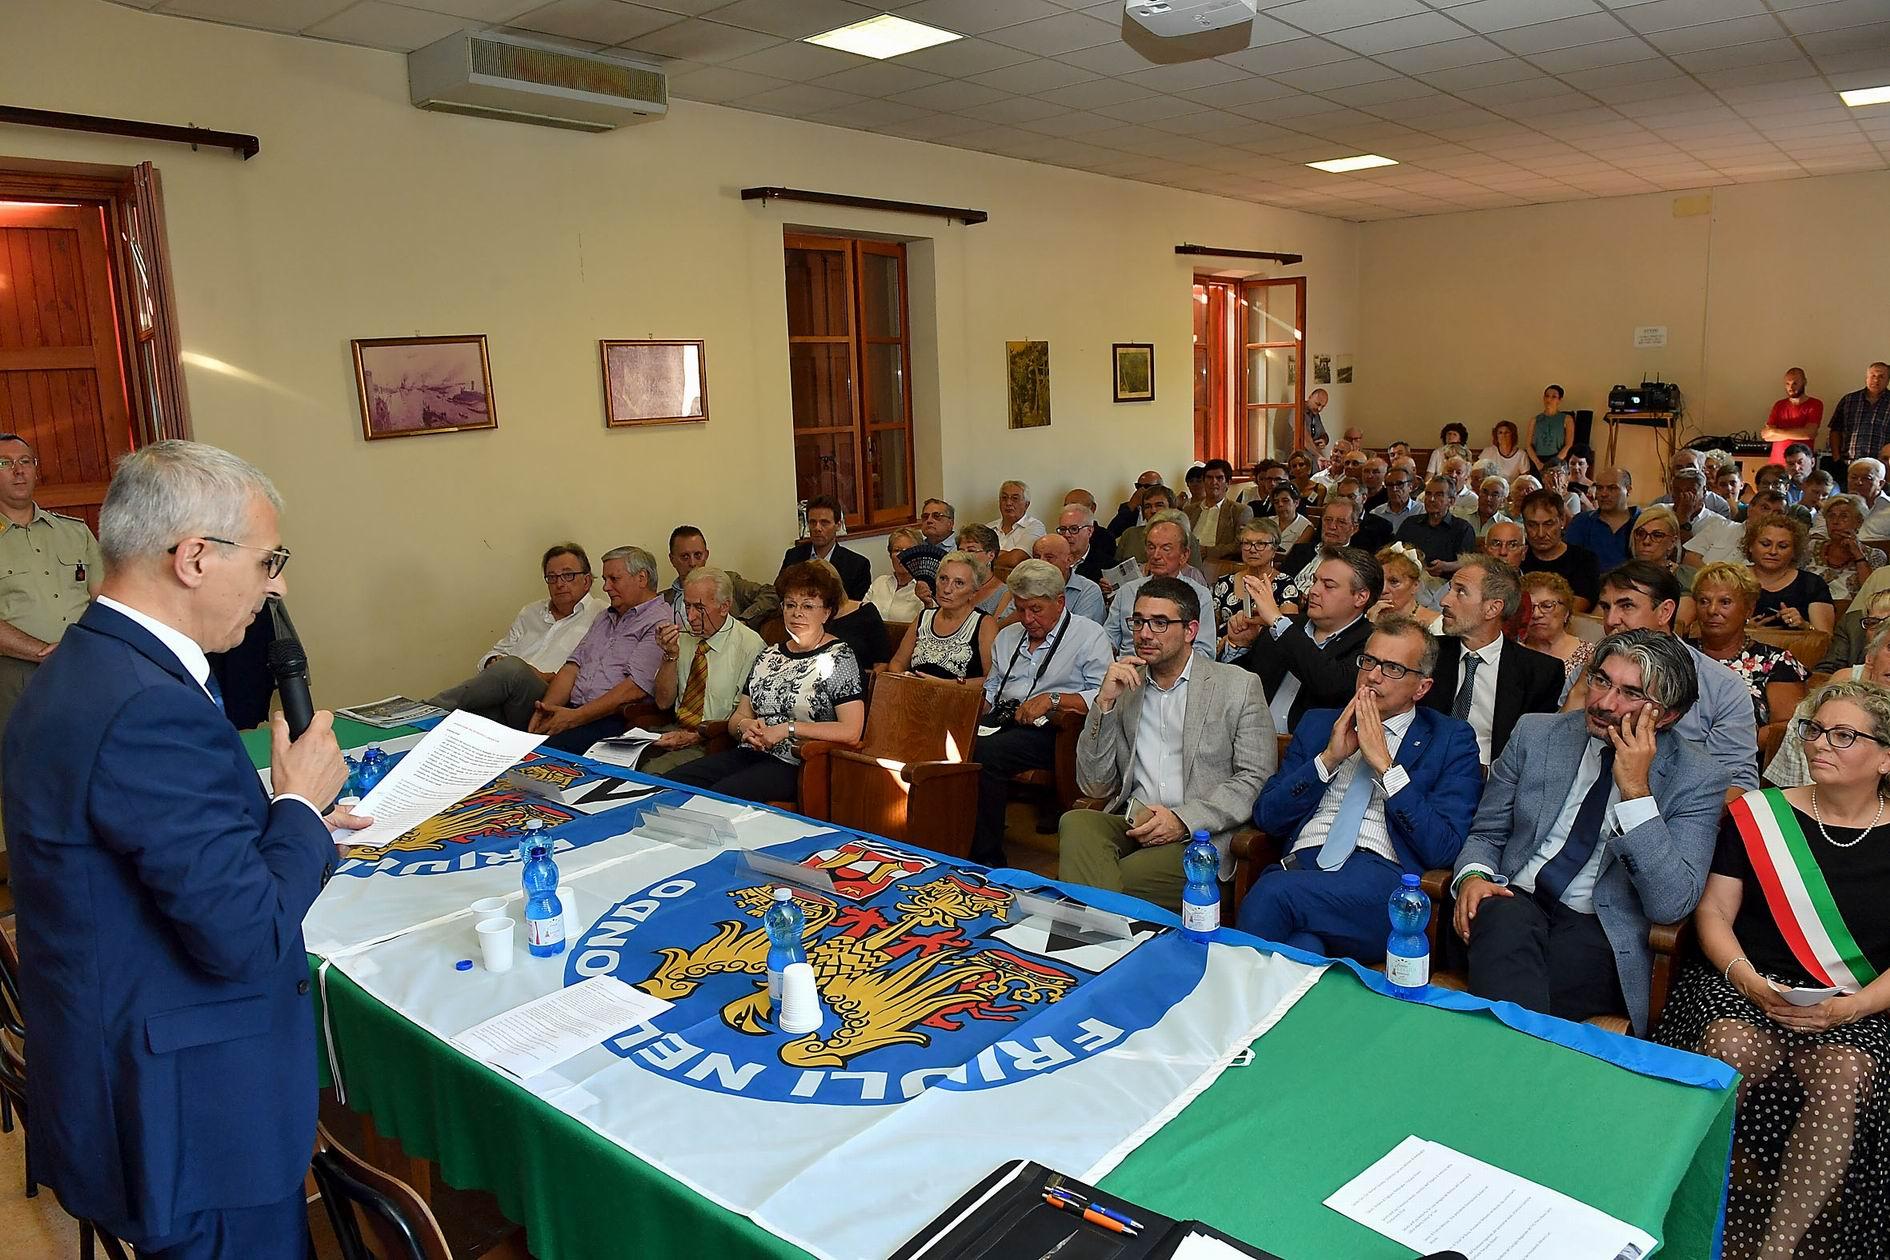 XV Convention e Incontro Annuale dei Friulani nel Mondo (Fogliano Redipuglia, 28 e 29 luglio 2018)